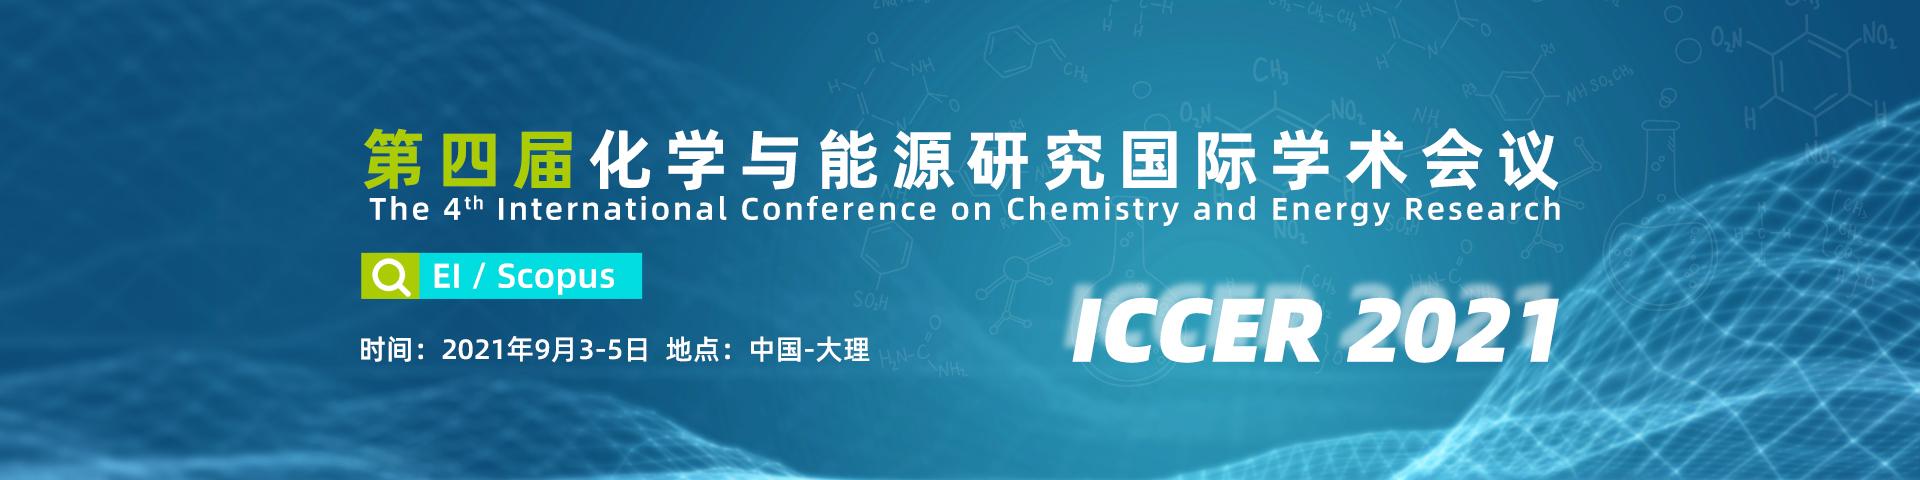 2021年9月-ICCER 2021-banner中-何霞丽-20210207.jpg